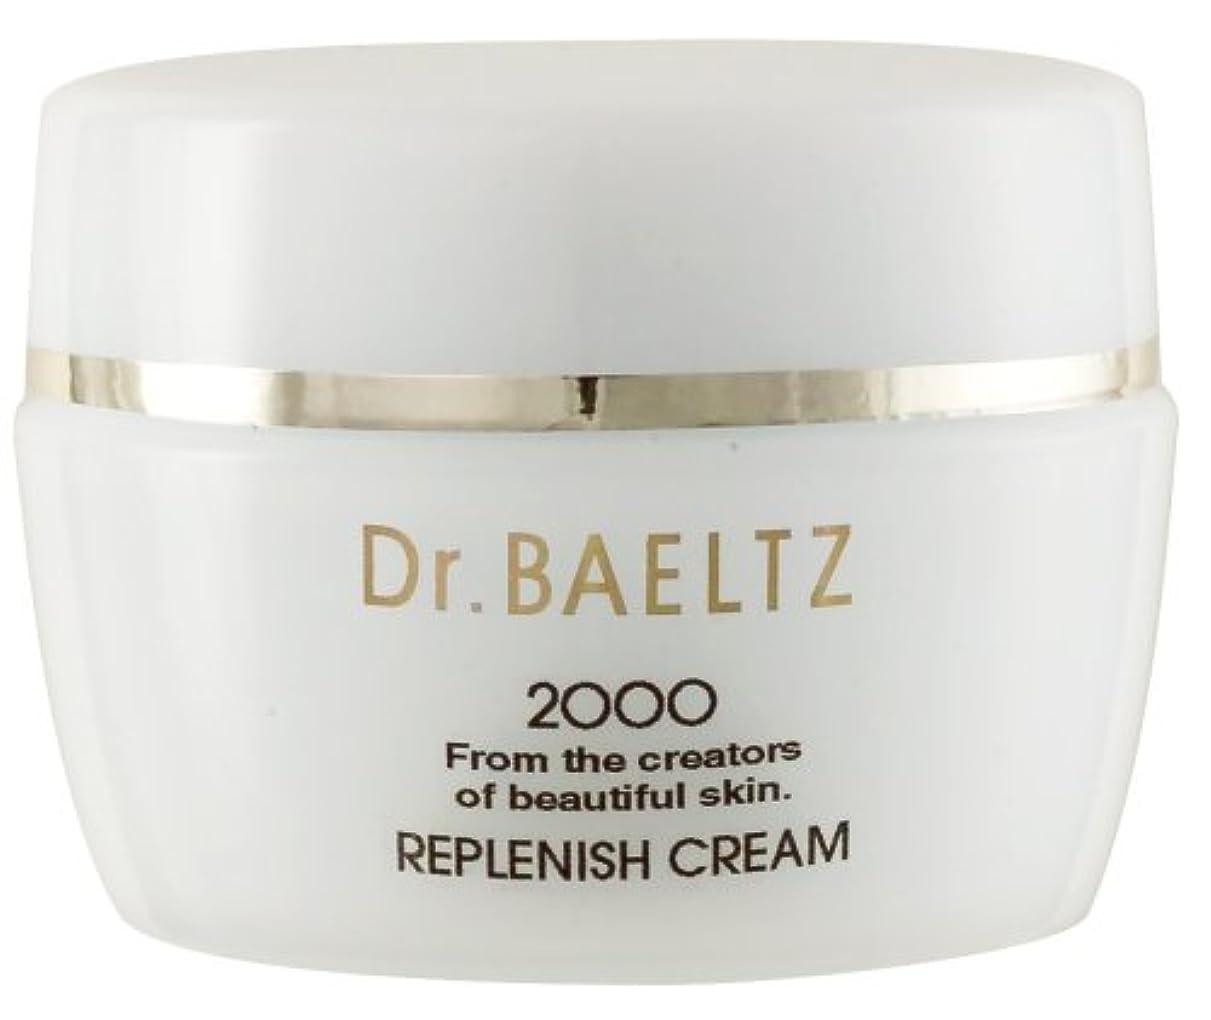 強います戦いレンジドクターベルツ(Dr.BAELTZ) リプレニッシュクリーム 40g(保湿クリーム)